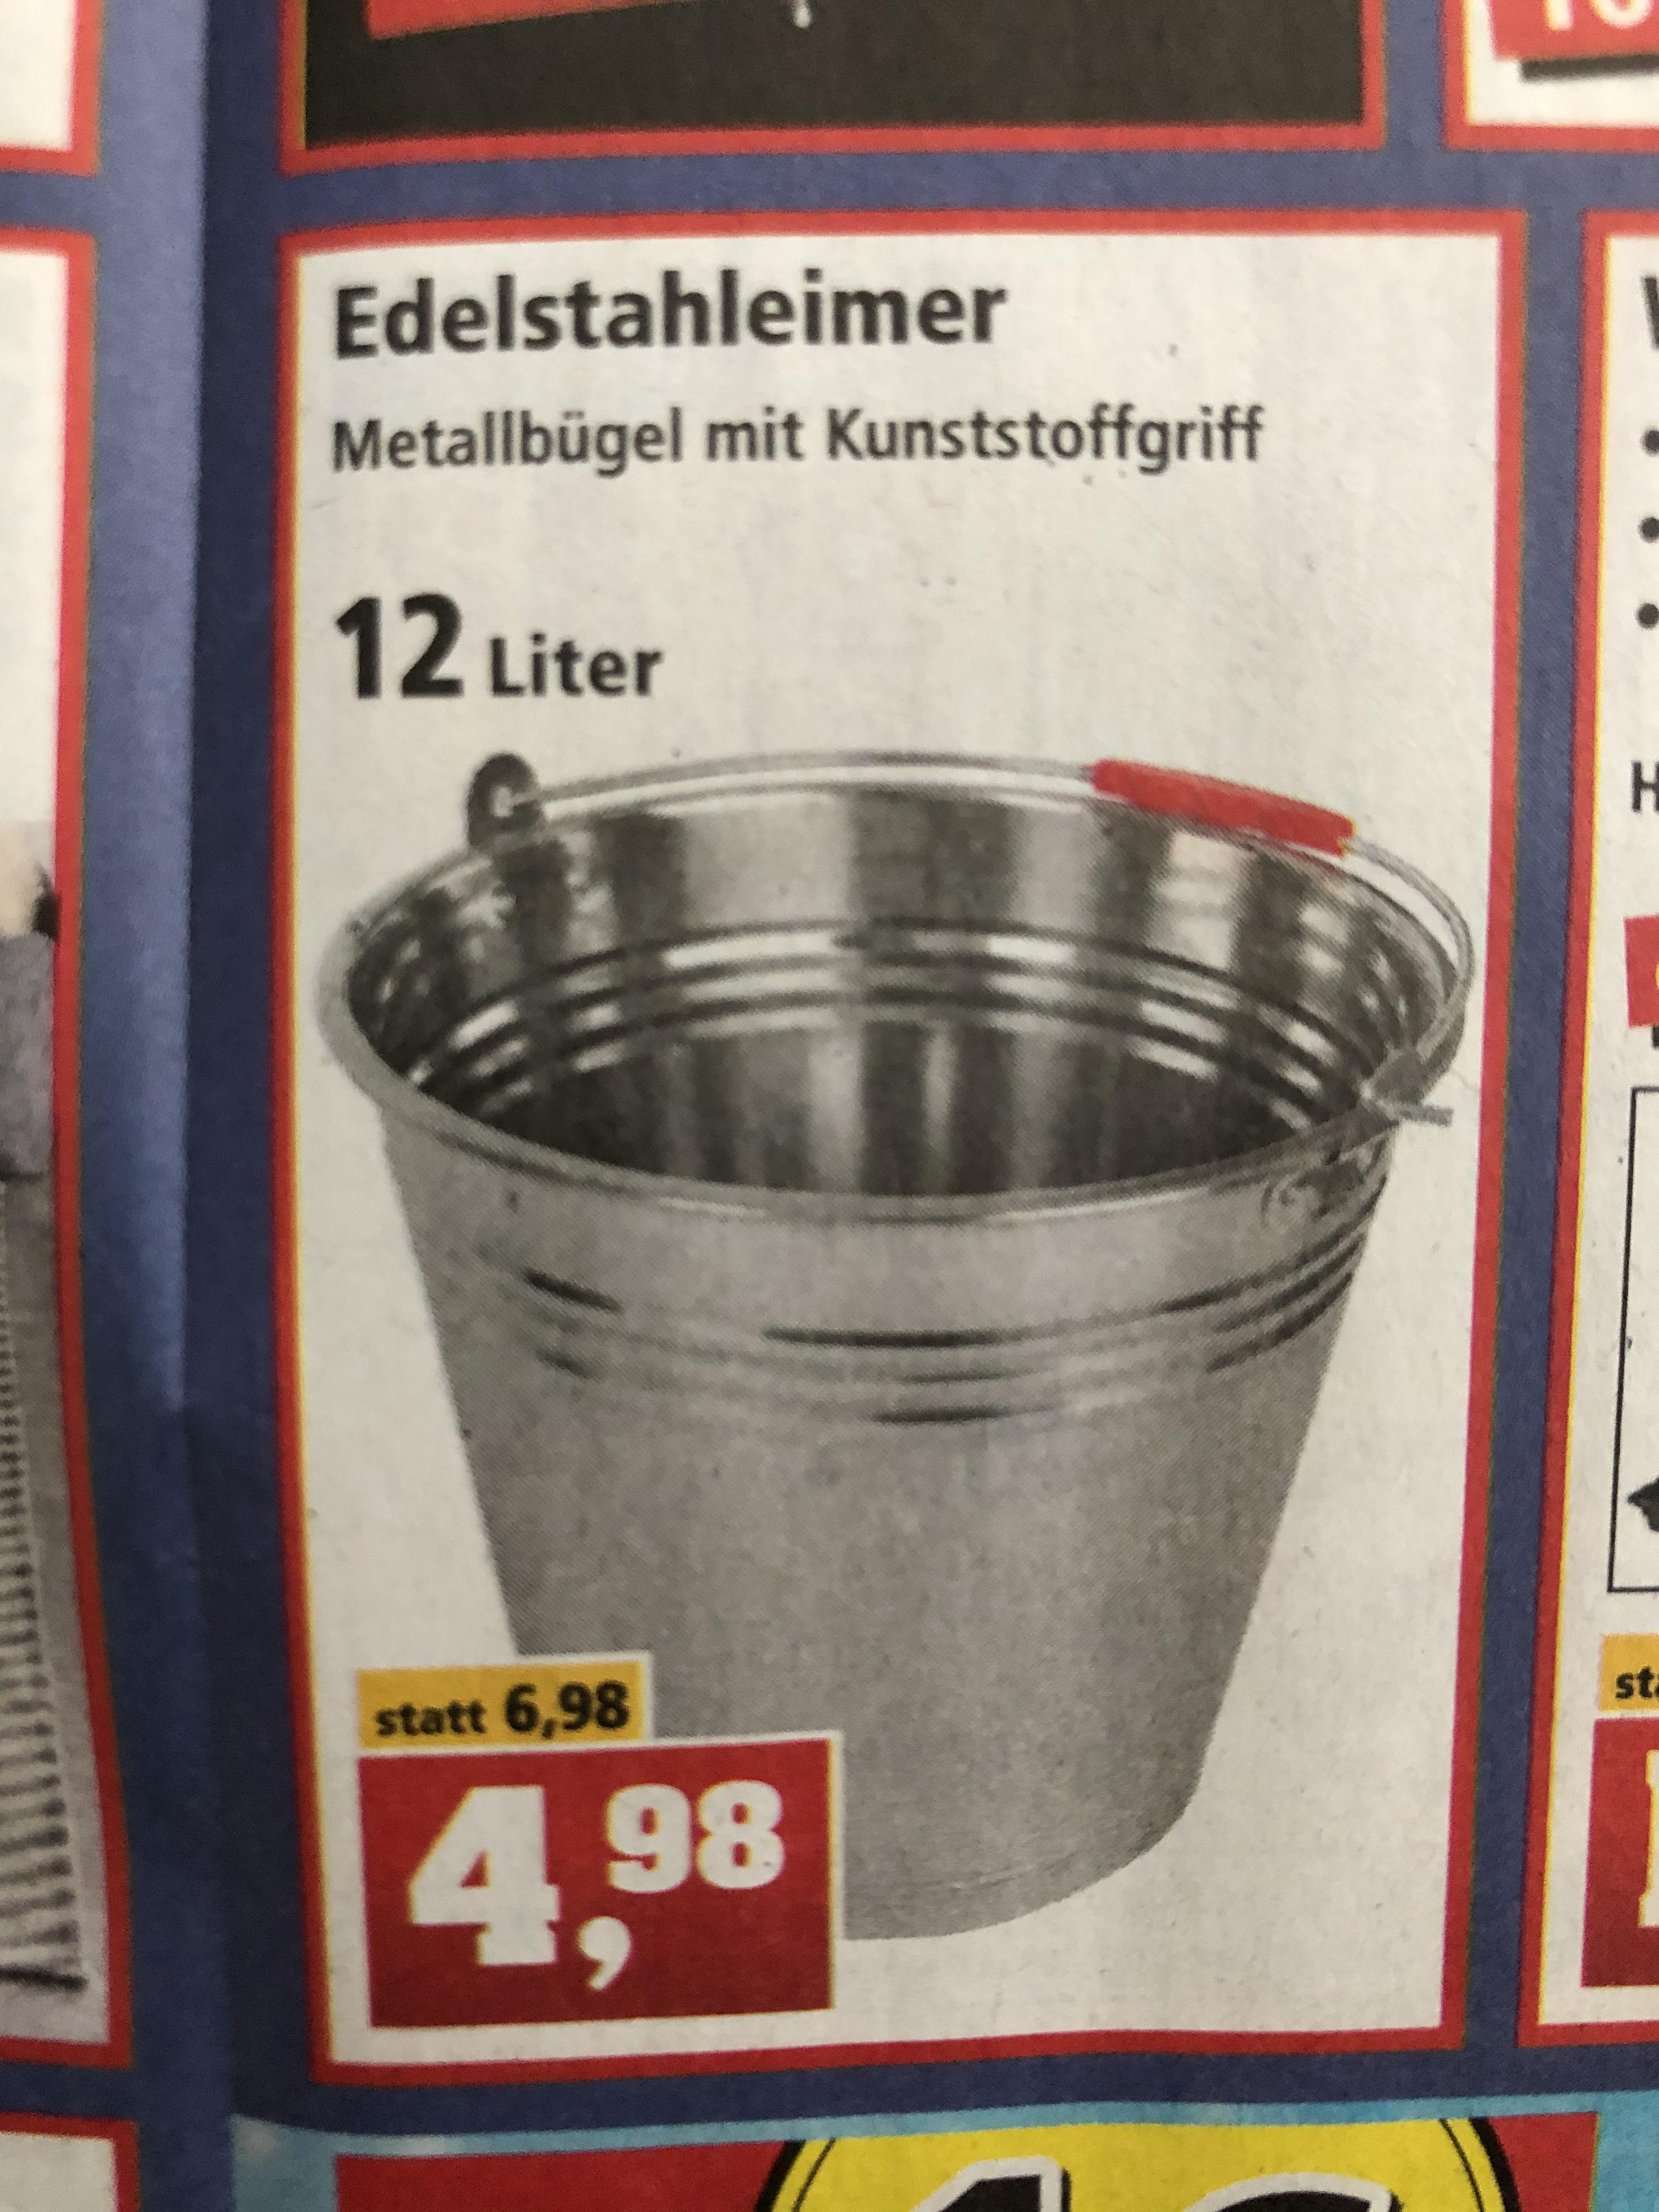 Thomas Philipps Edelstahleimer 12l 4,98€